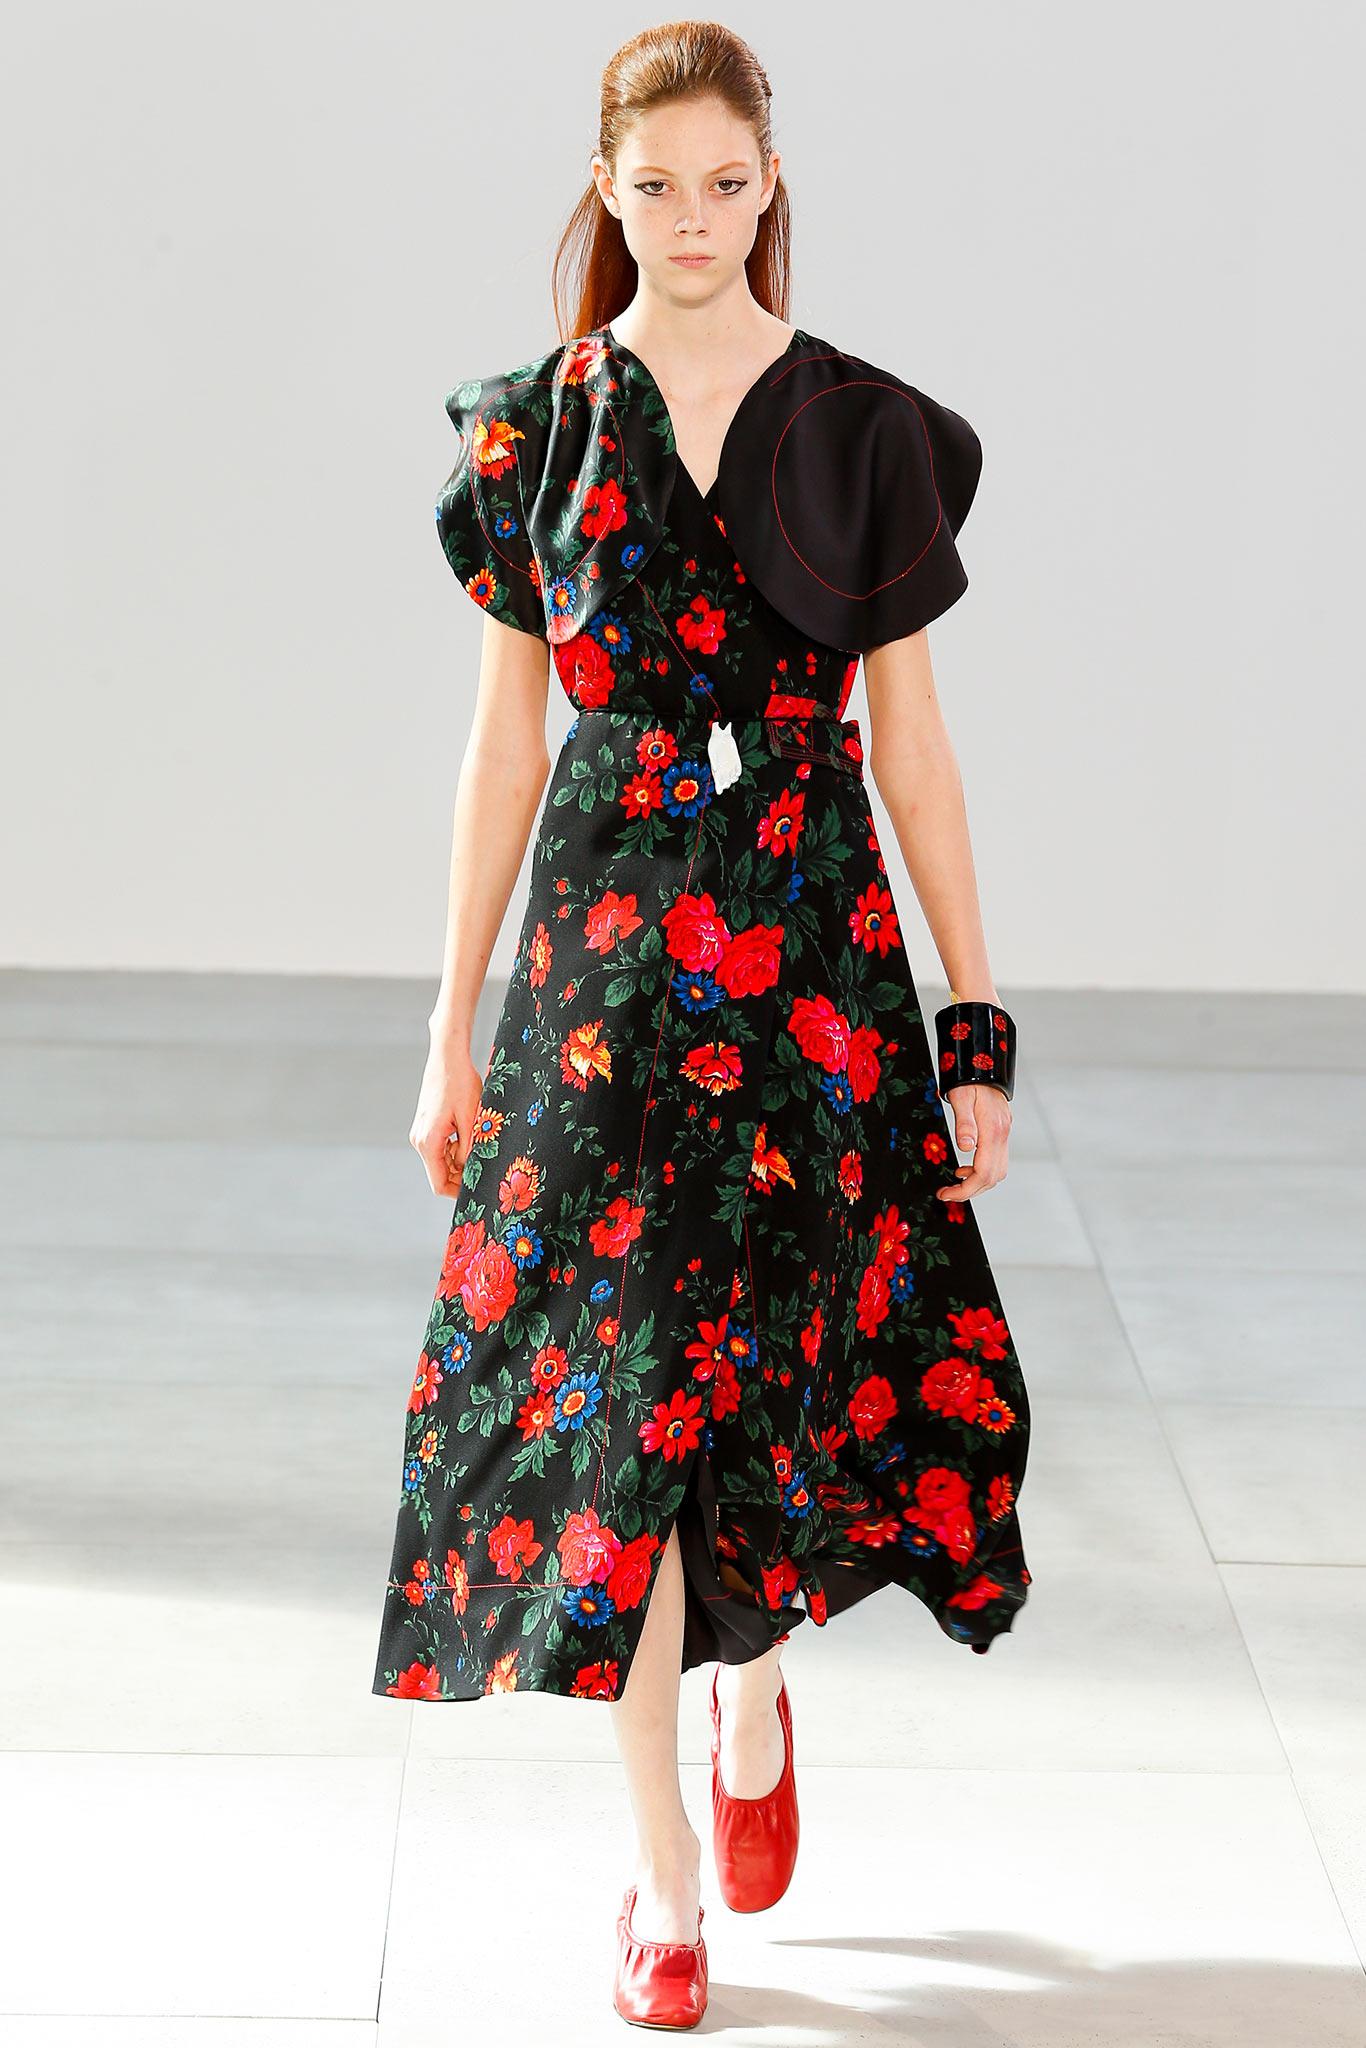 Céline Самые модные принты наступающей весны